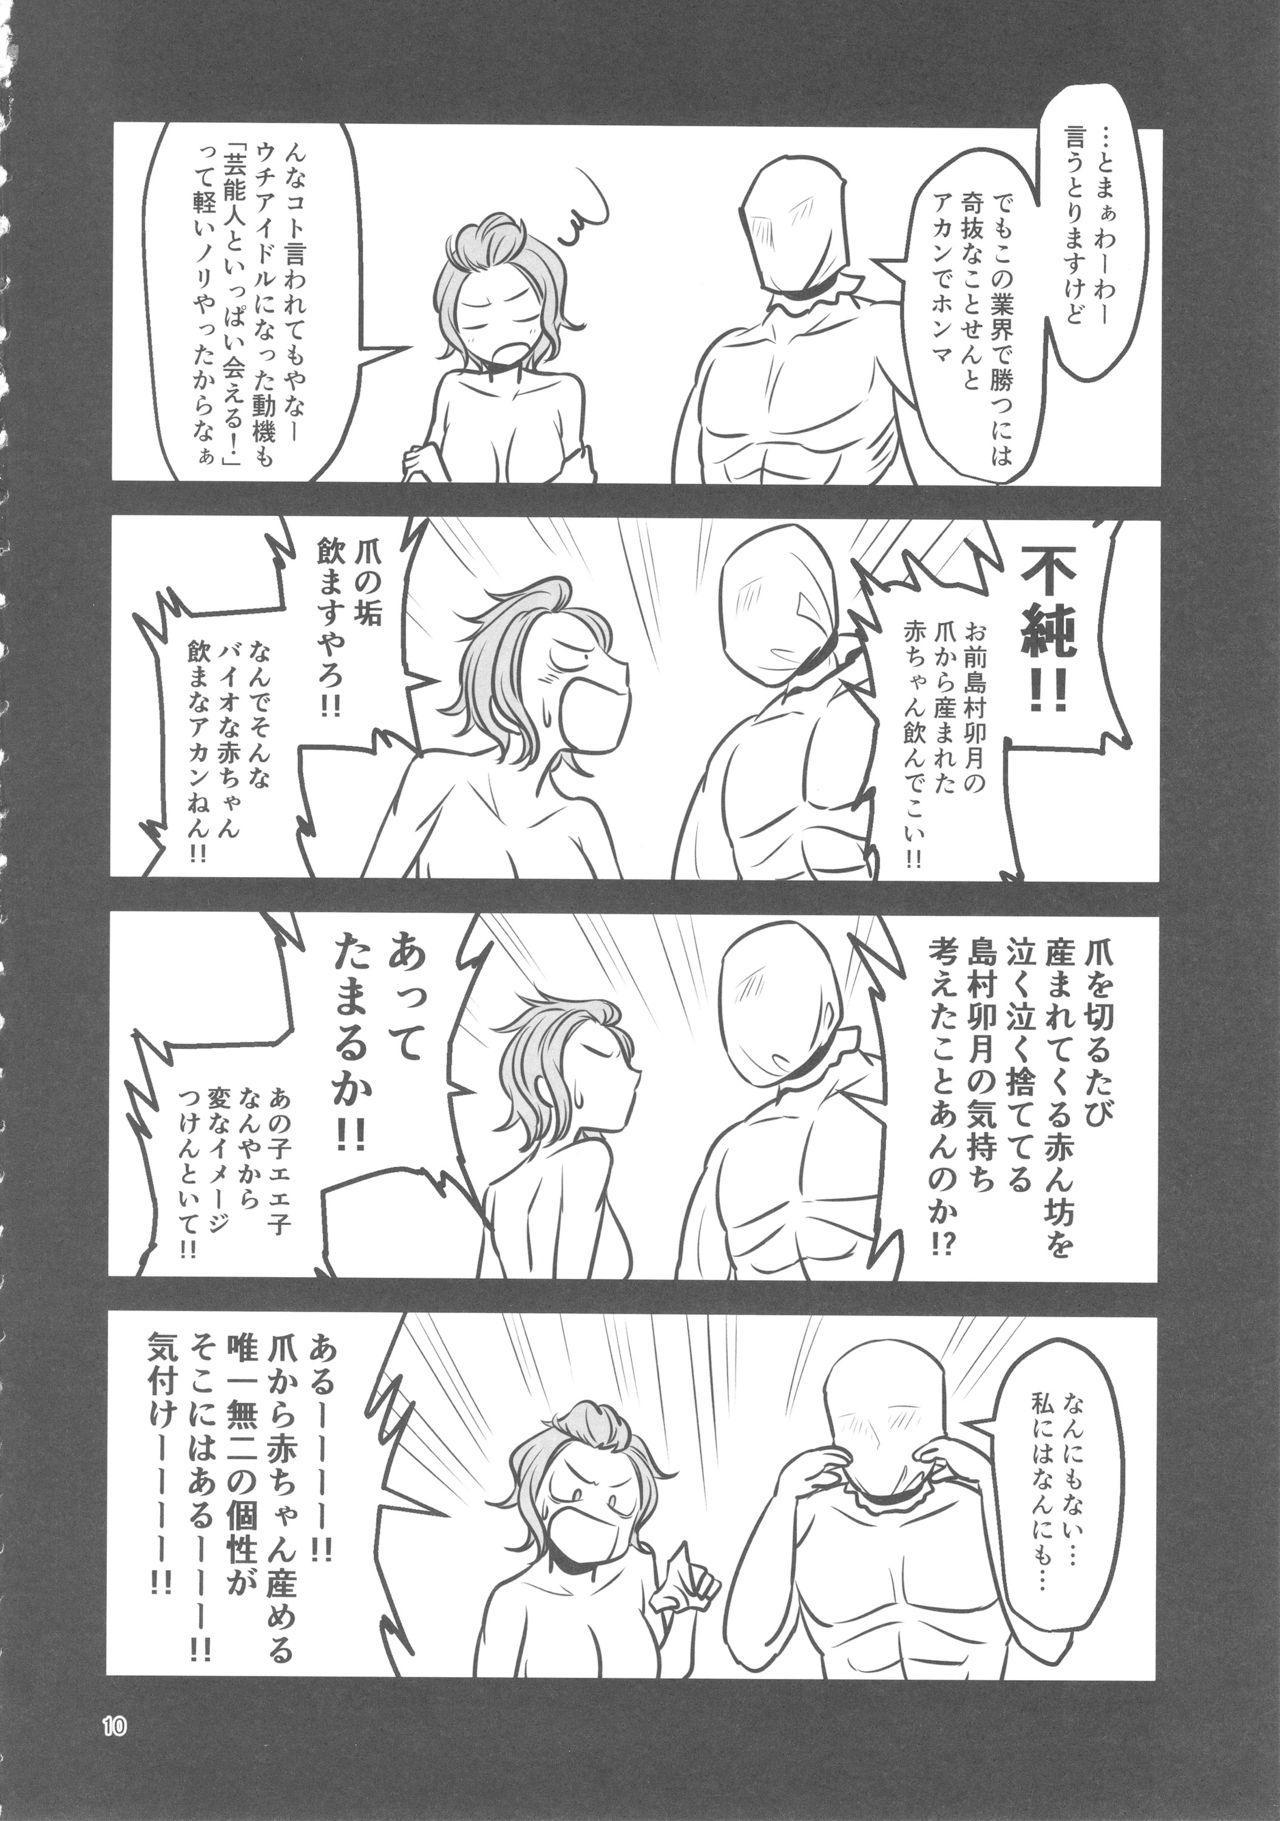 Mou Eewa! Hame Sashite Morauwa! 9